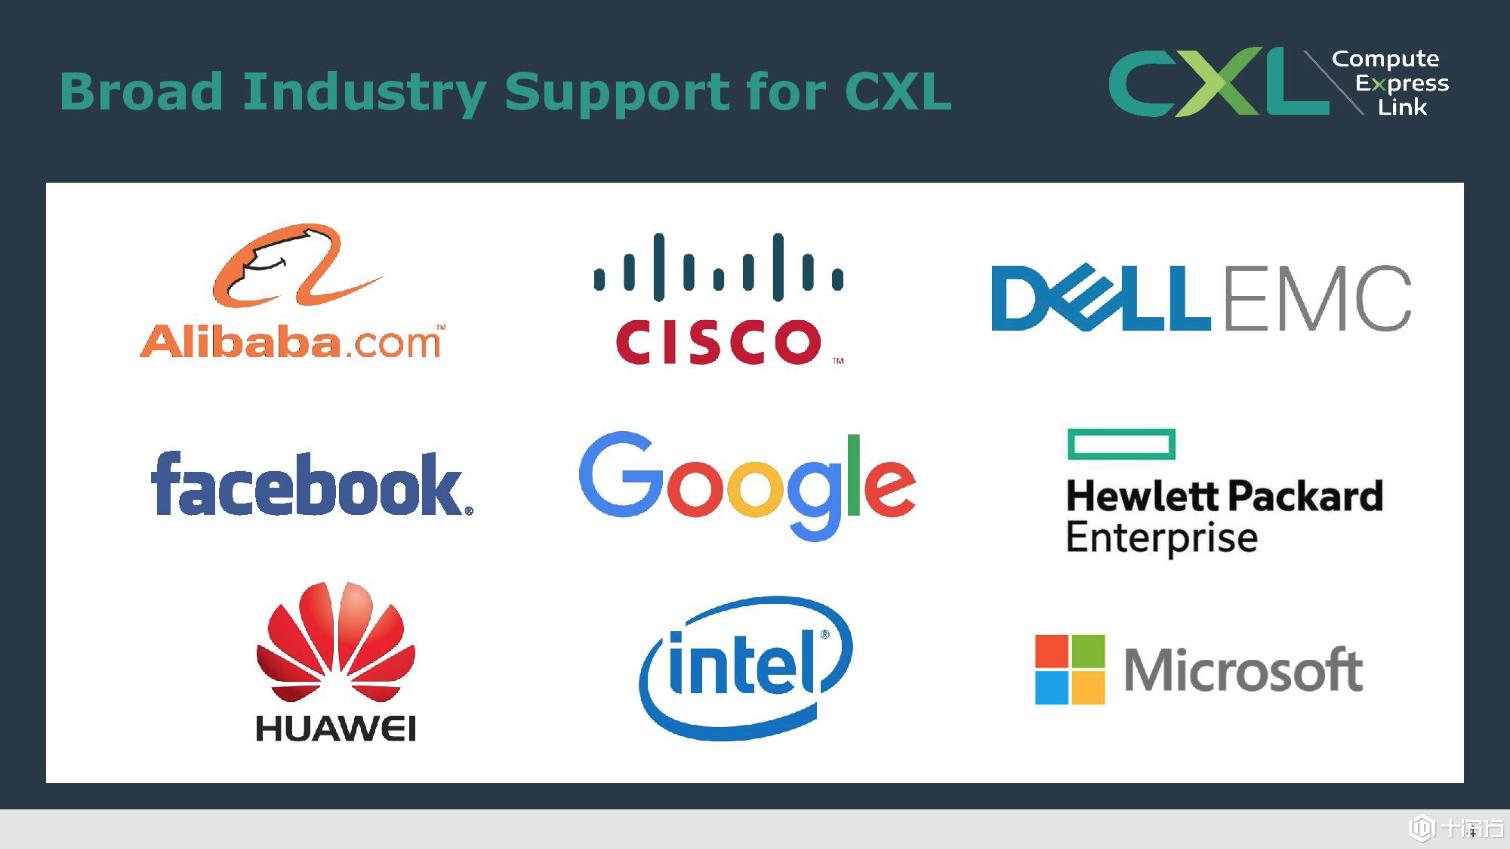 为数据中心英特尔推出CXL总线协议